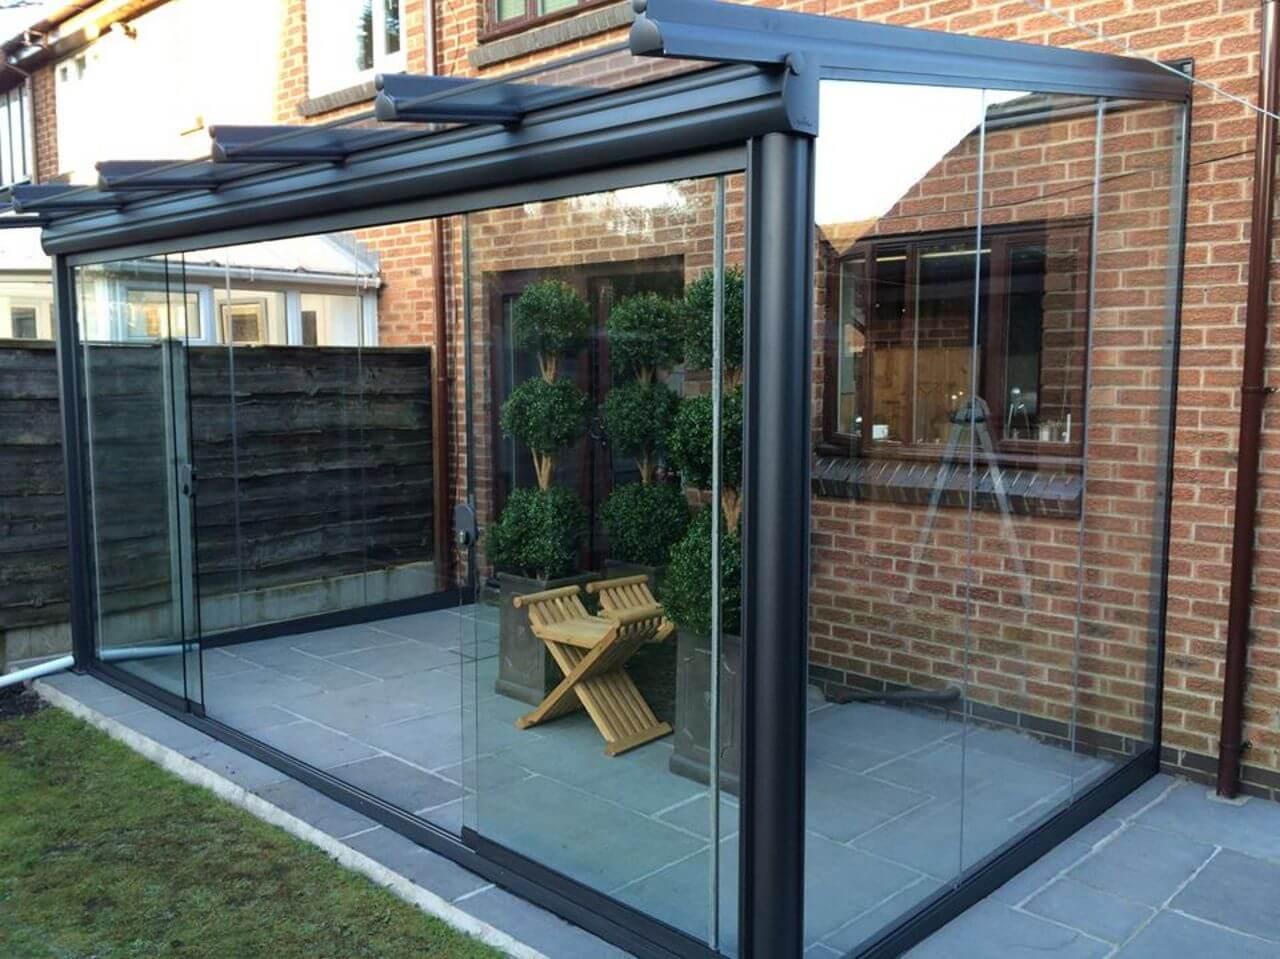 Weinor glasoase glassroom with sliding glass doors